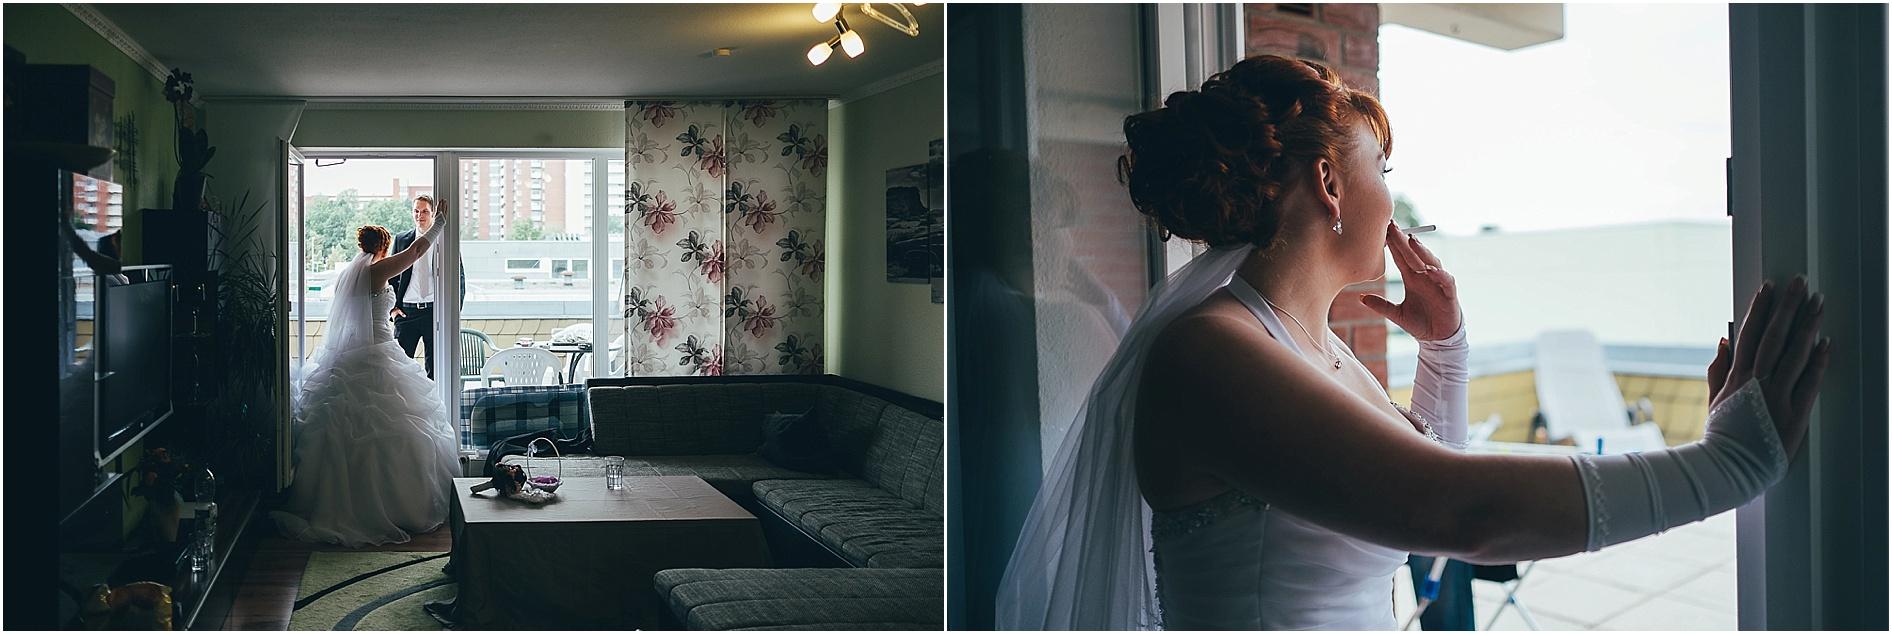 2014-11-20_0019 Lora & Daniel - Als Hochzeitsfotograf in Lüneburg